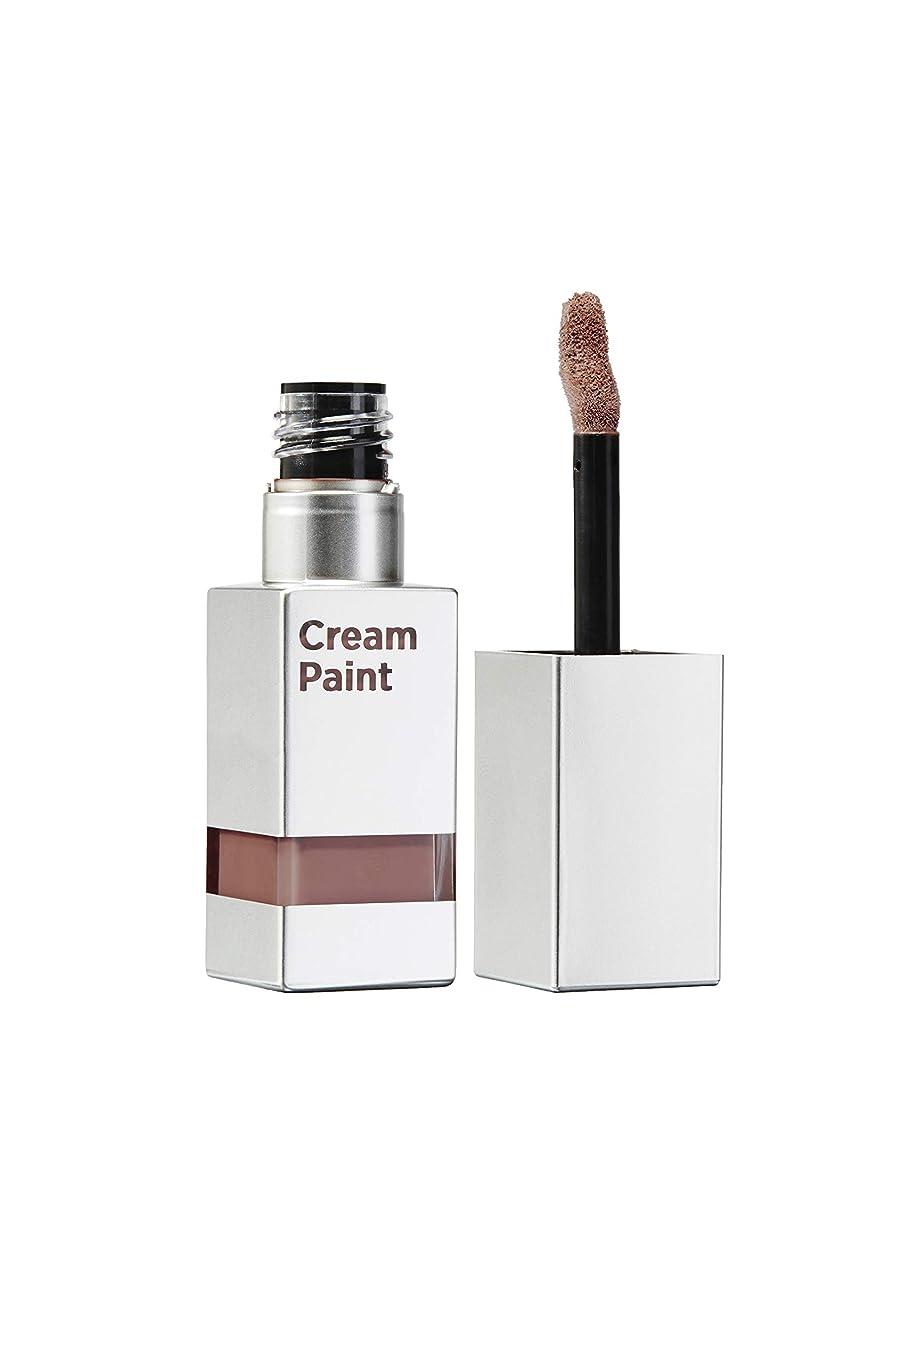 支援する世界記録のギネスブックピンポイントムーンショット(moonshot) ブラックピンク クリームペイントライトフィットリップ MLBBリップ マットリップ リップスティック Moonshot Cream Paint Lightfit (M811 ヌーディブランチ Nudy Branch)